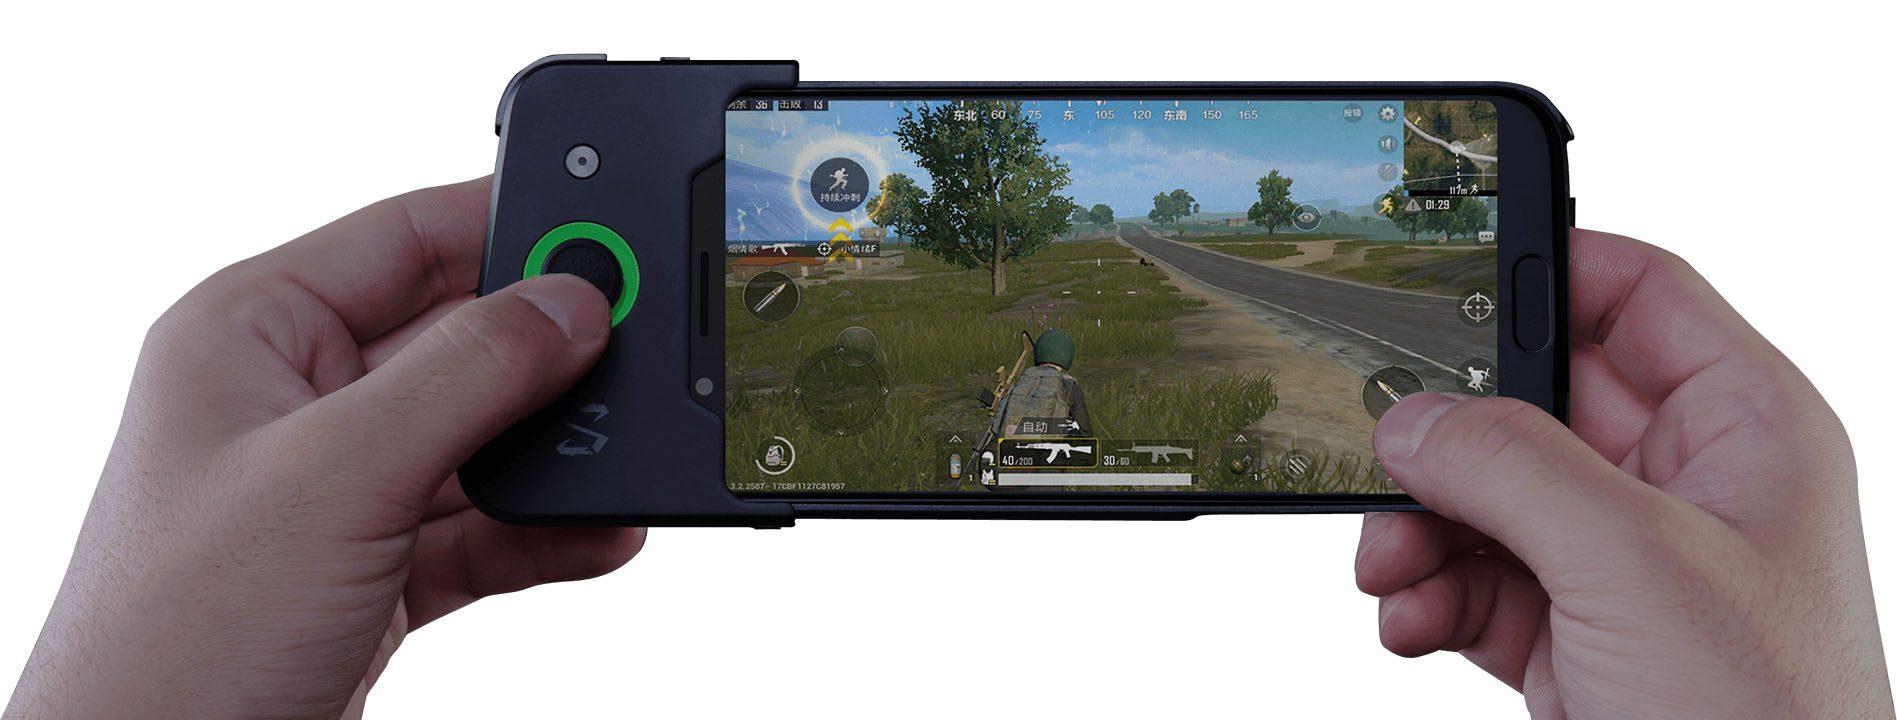 Xiaomi dévoile le « Black Shark » un smartphone taillé pour les gamers